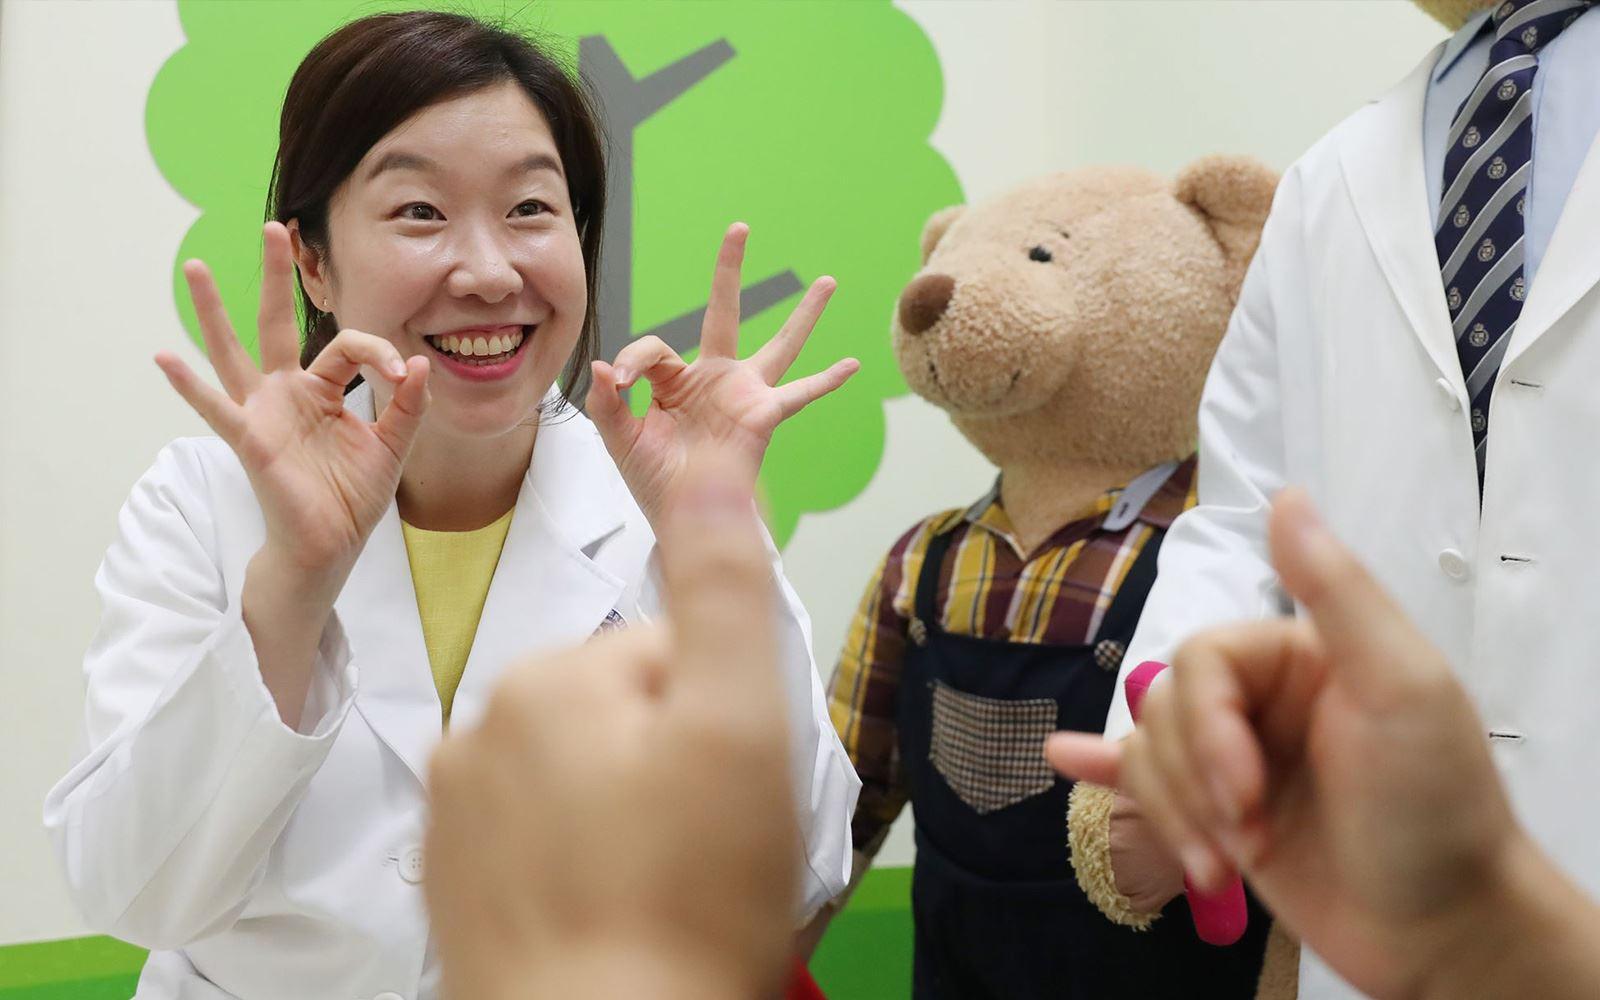 국내 유일의 종합병원 의료수화통역사인 김선영씨.